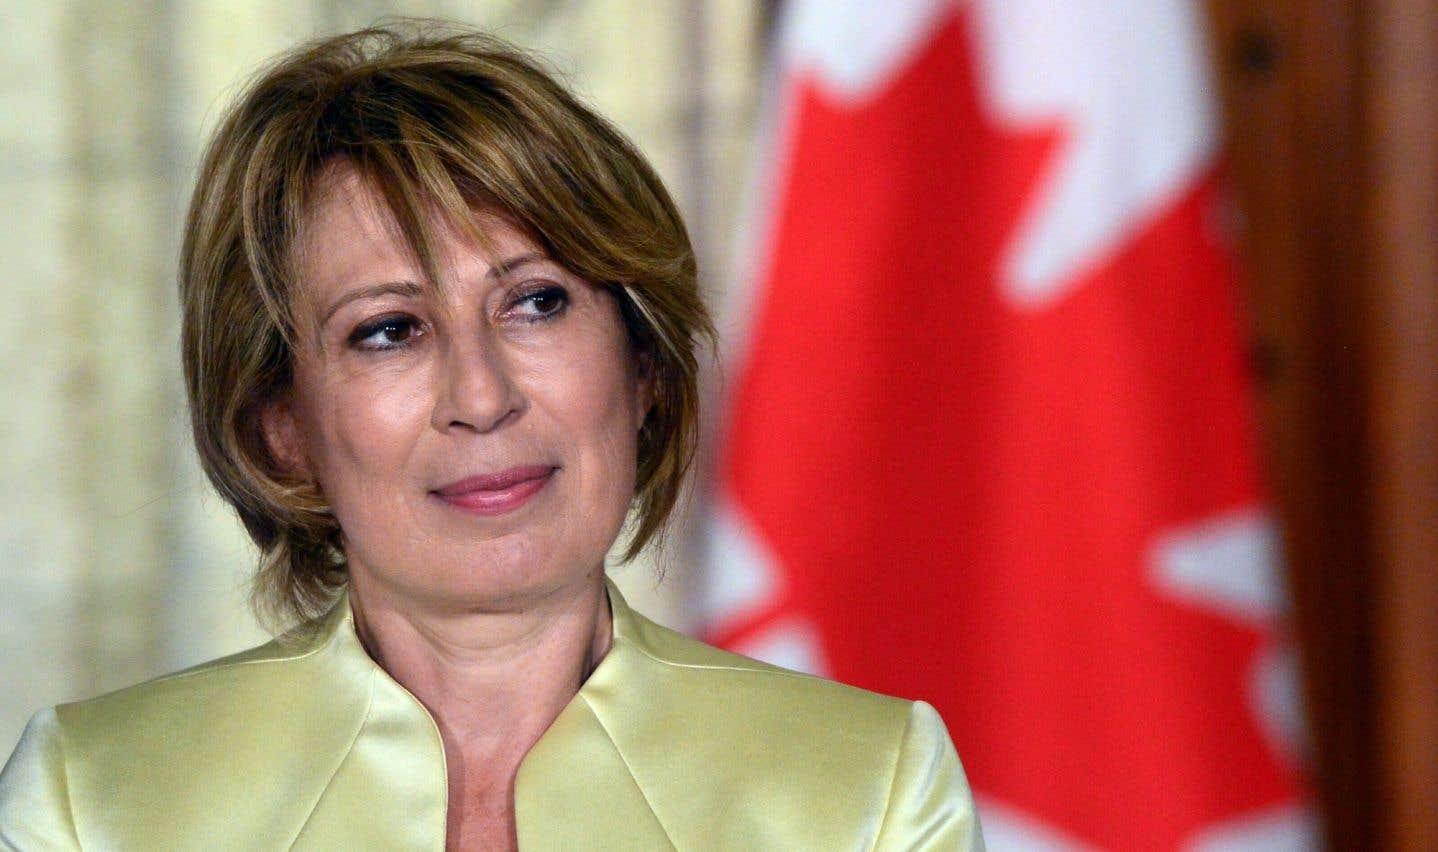 La DreNemer a été nommée mardi après-midi à Ottawa. Elle se spécialise dans la recherche cardiaque.